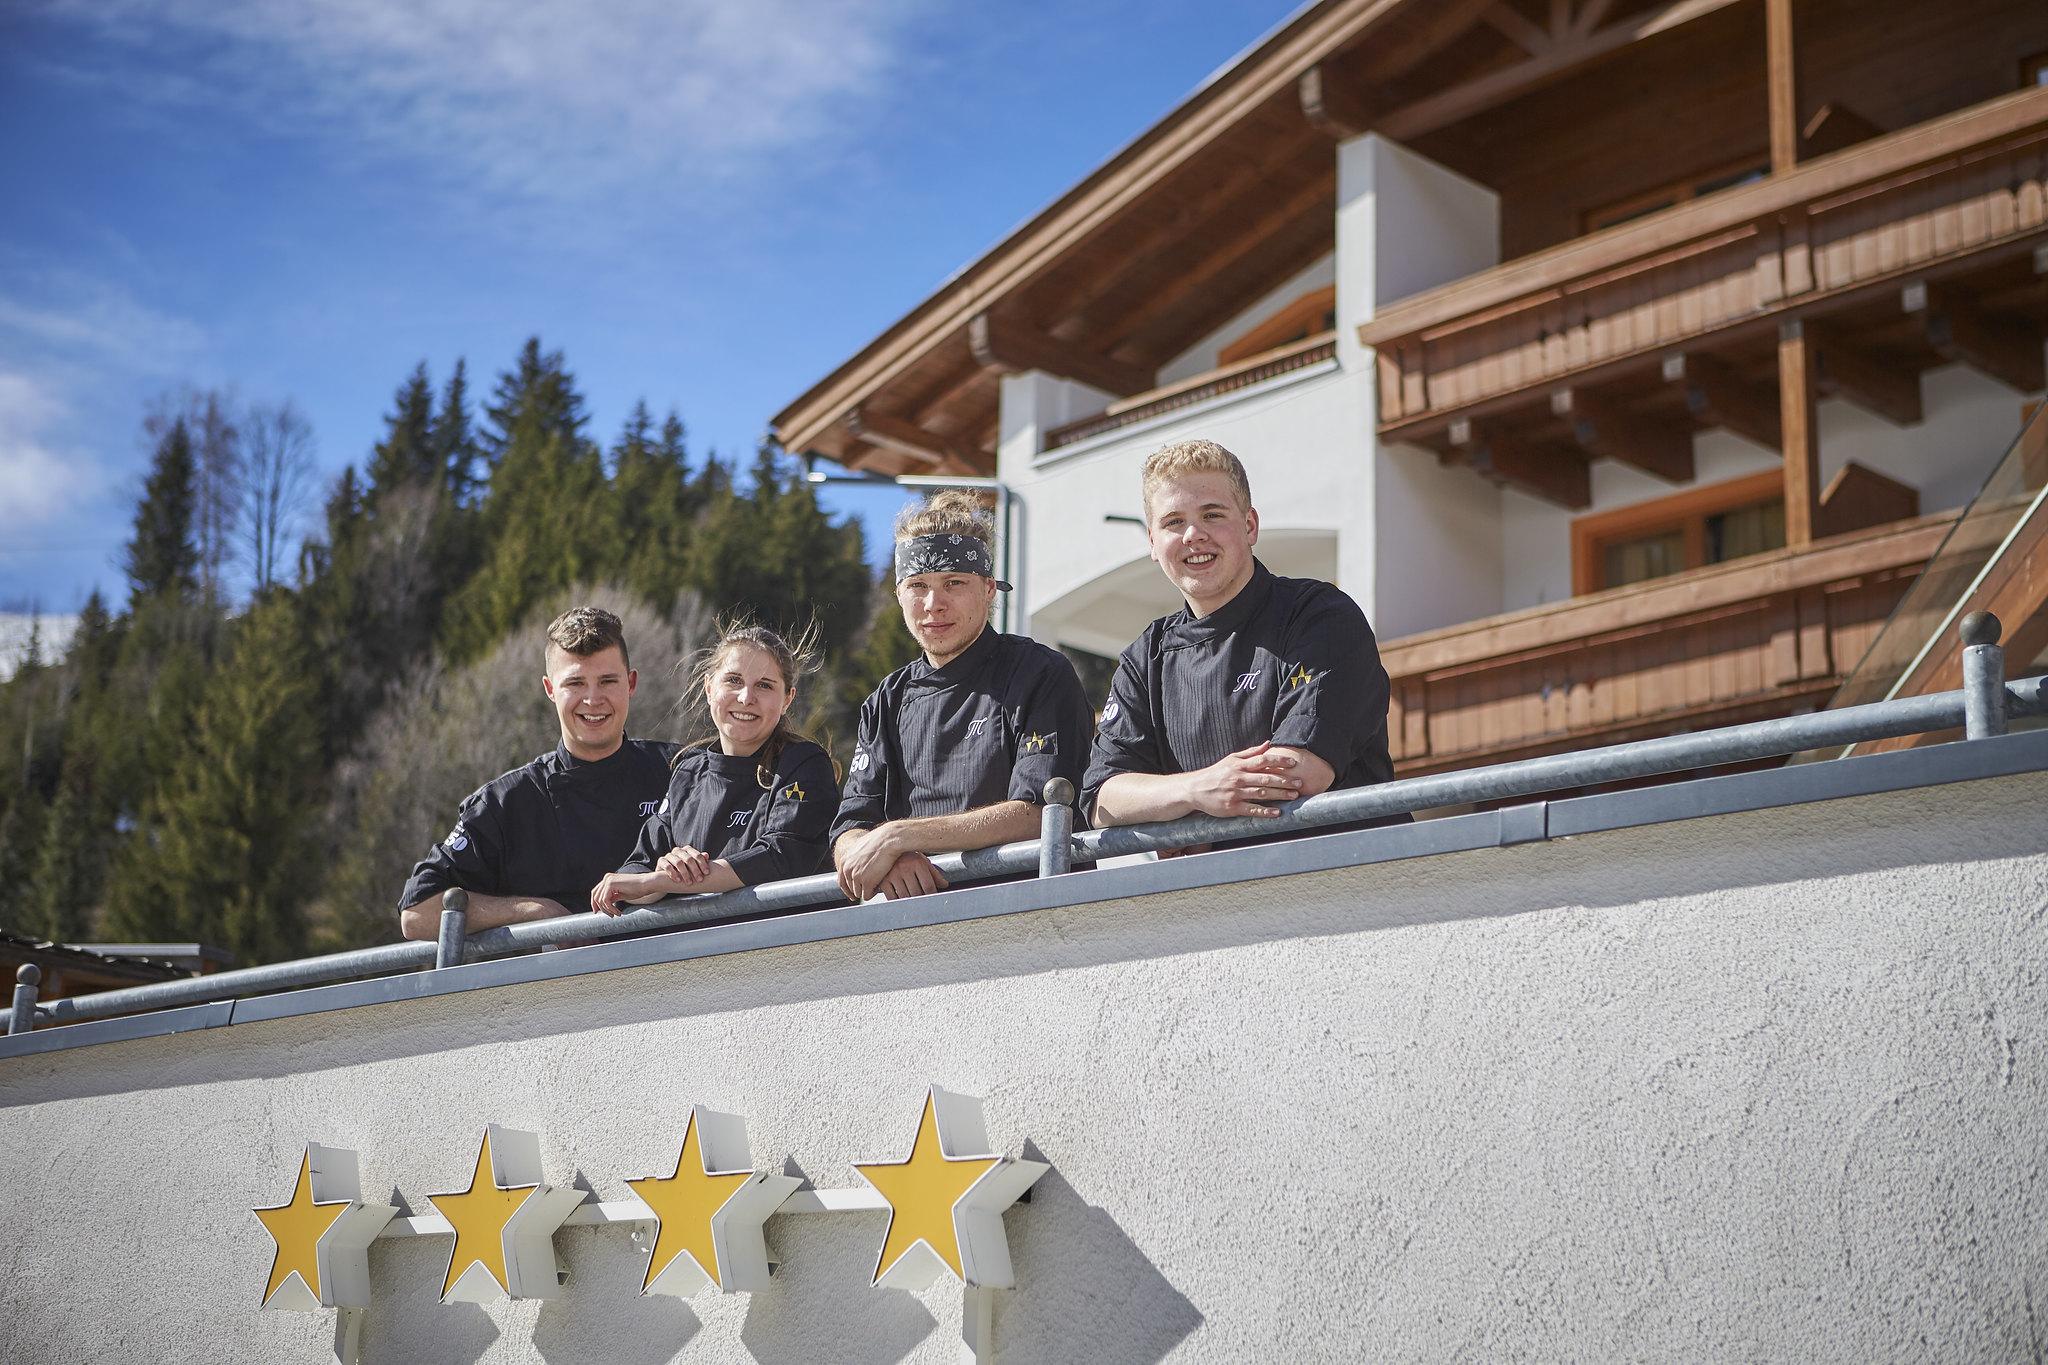 Küchenteam Hotel Marten Saalbach-Hinterglemm